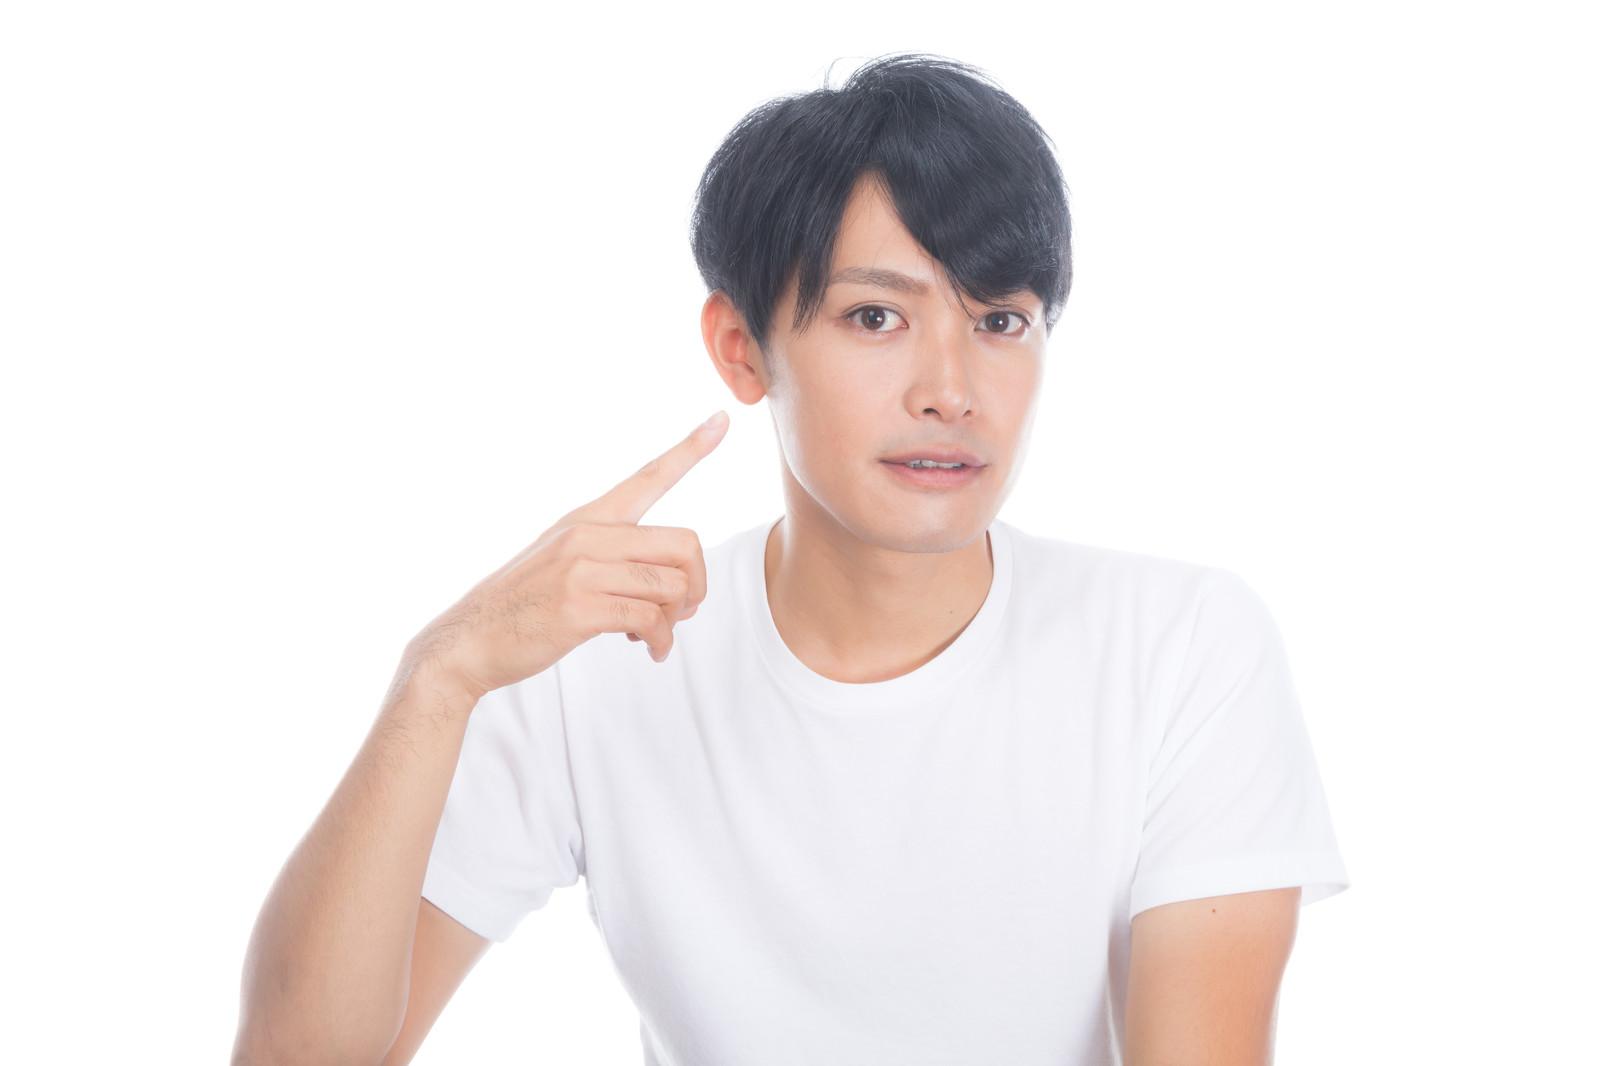 【写真付き】メンズコンシーラーの正しい選び方と使い方・塗り方を徹底解説!